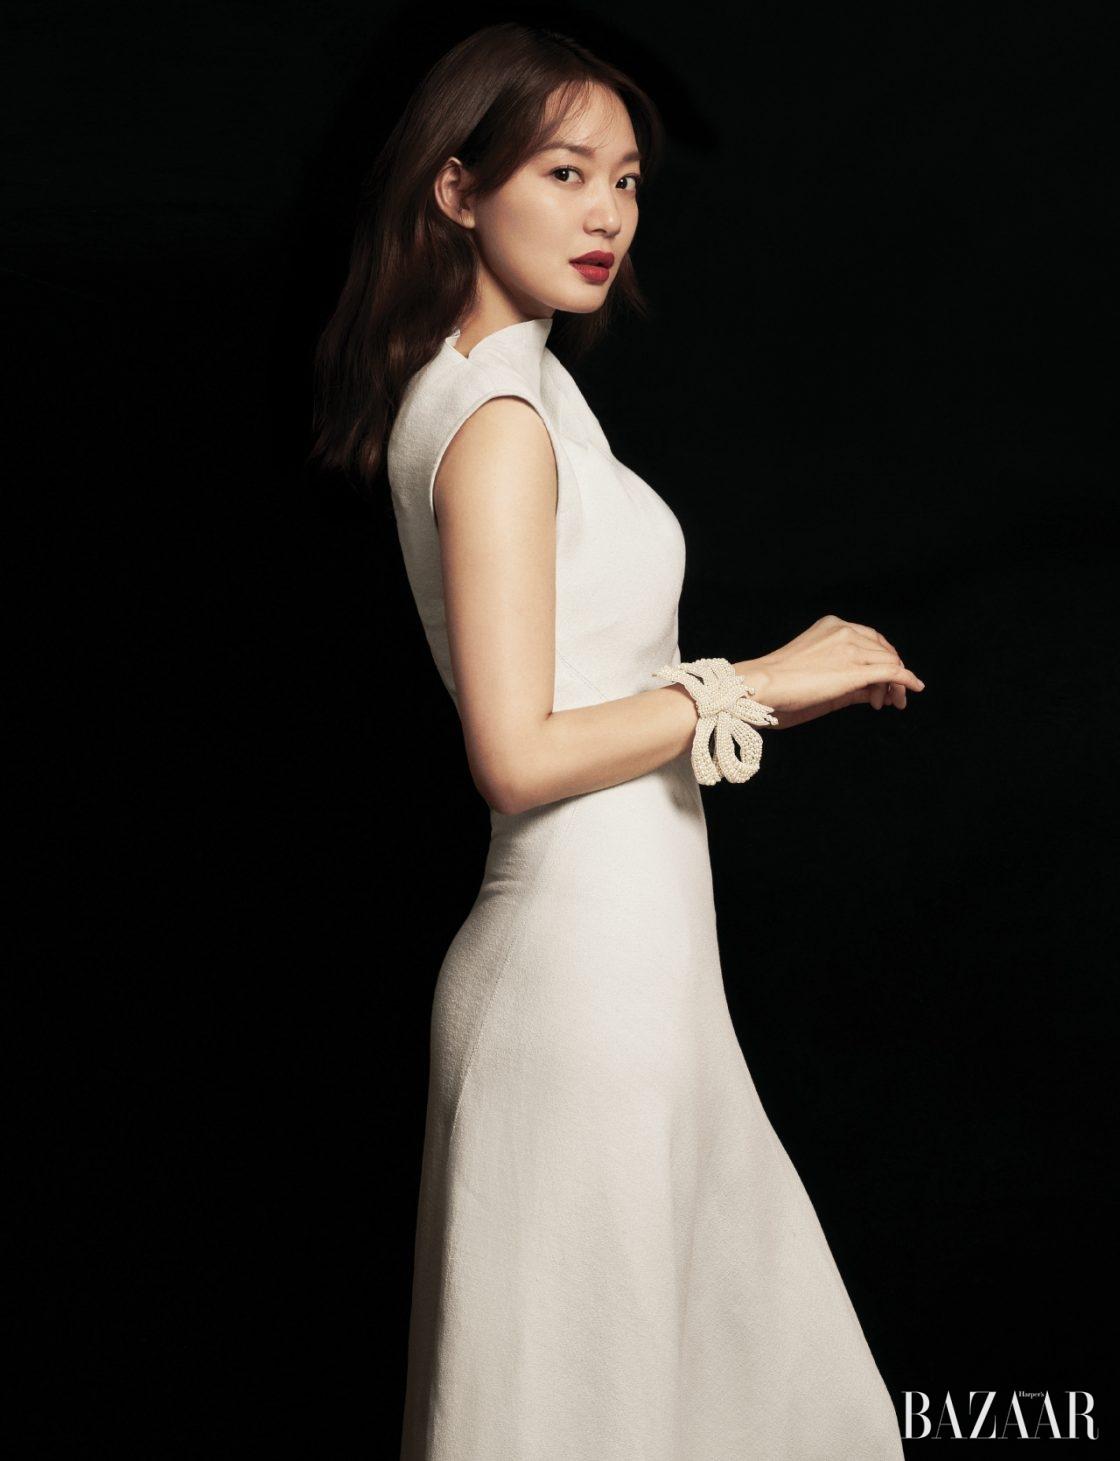 구조적인 컷아웃 디자인의 드레스는 Céline, 팔찌처럼 연출한 진주 액세서리는 Gucci 제품.